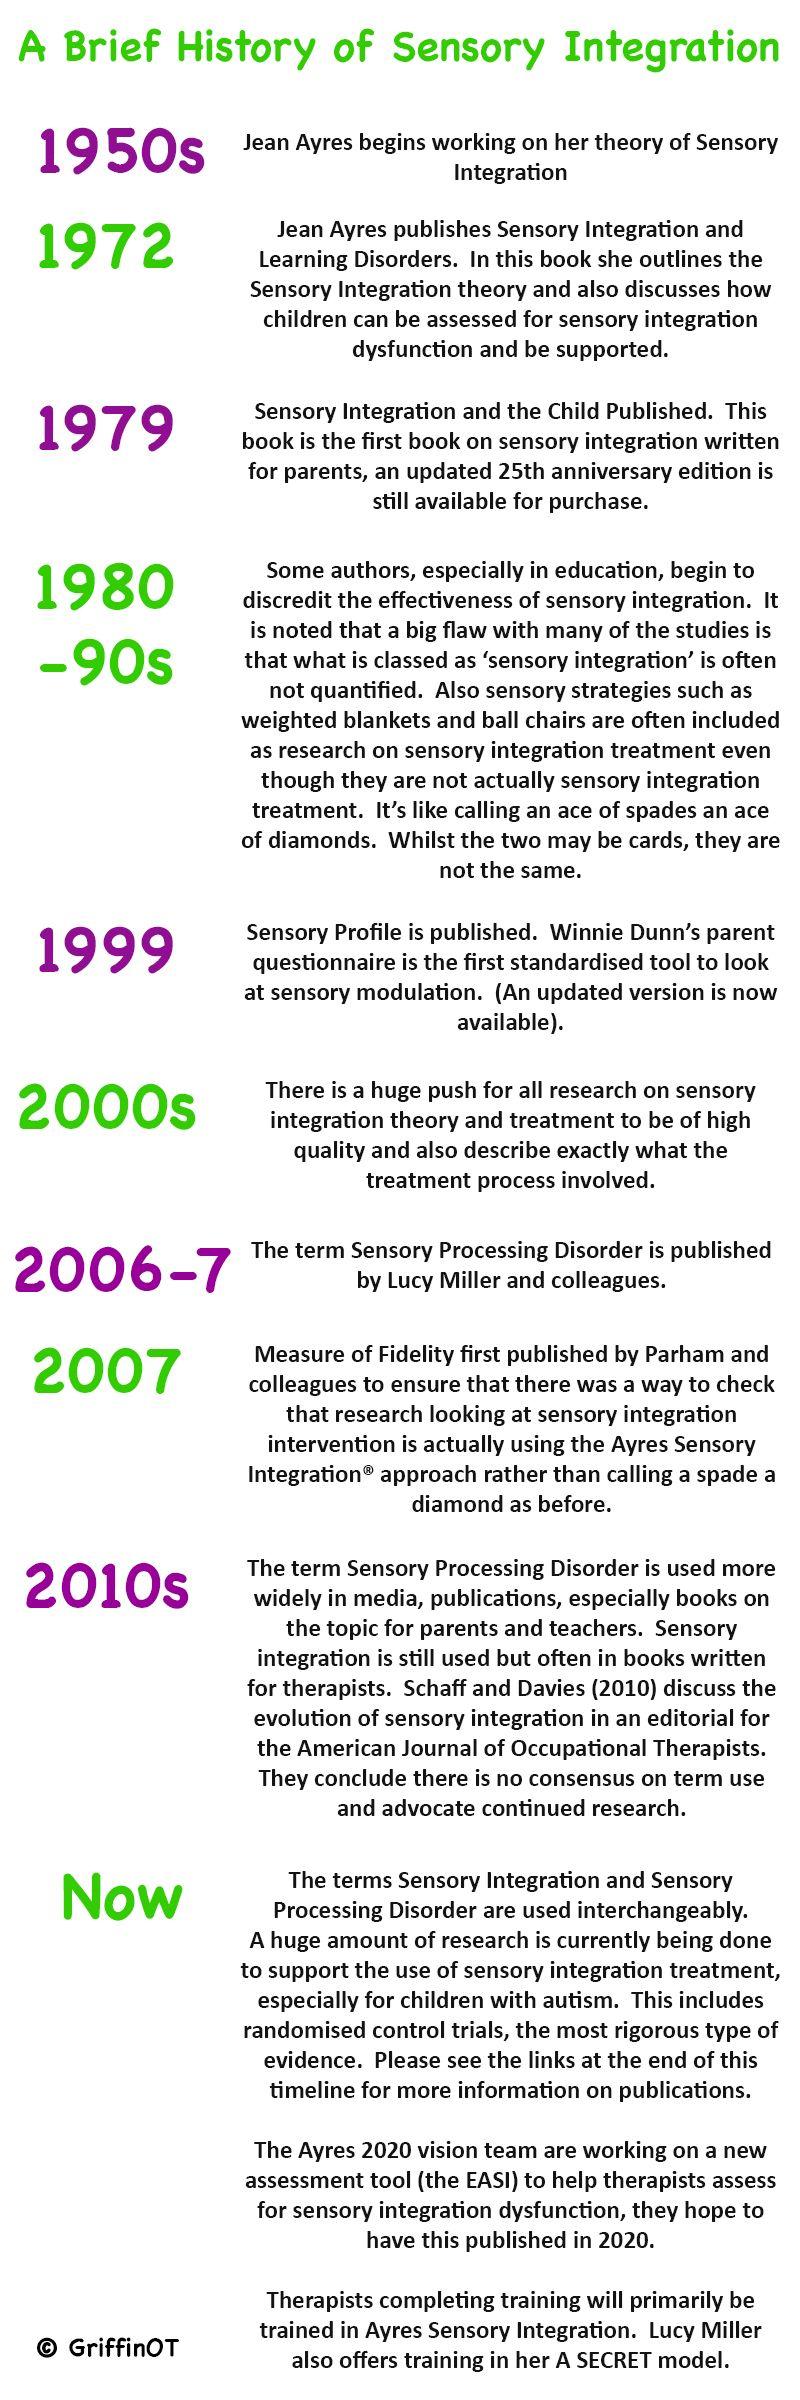 history sensory integration timeline